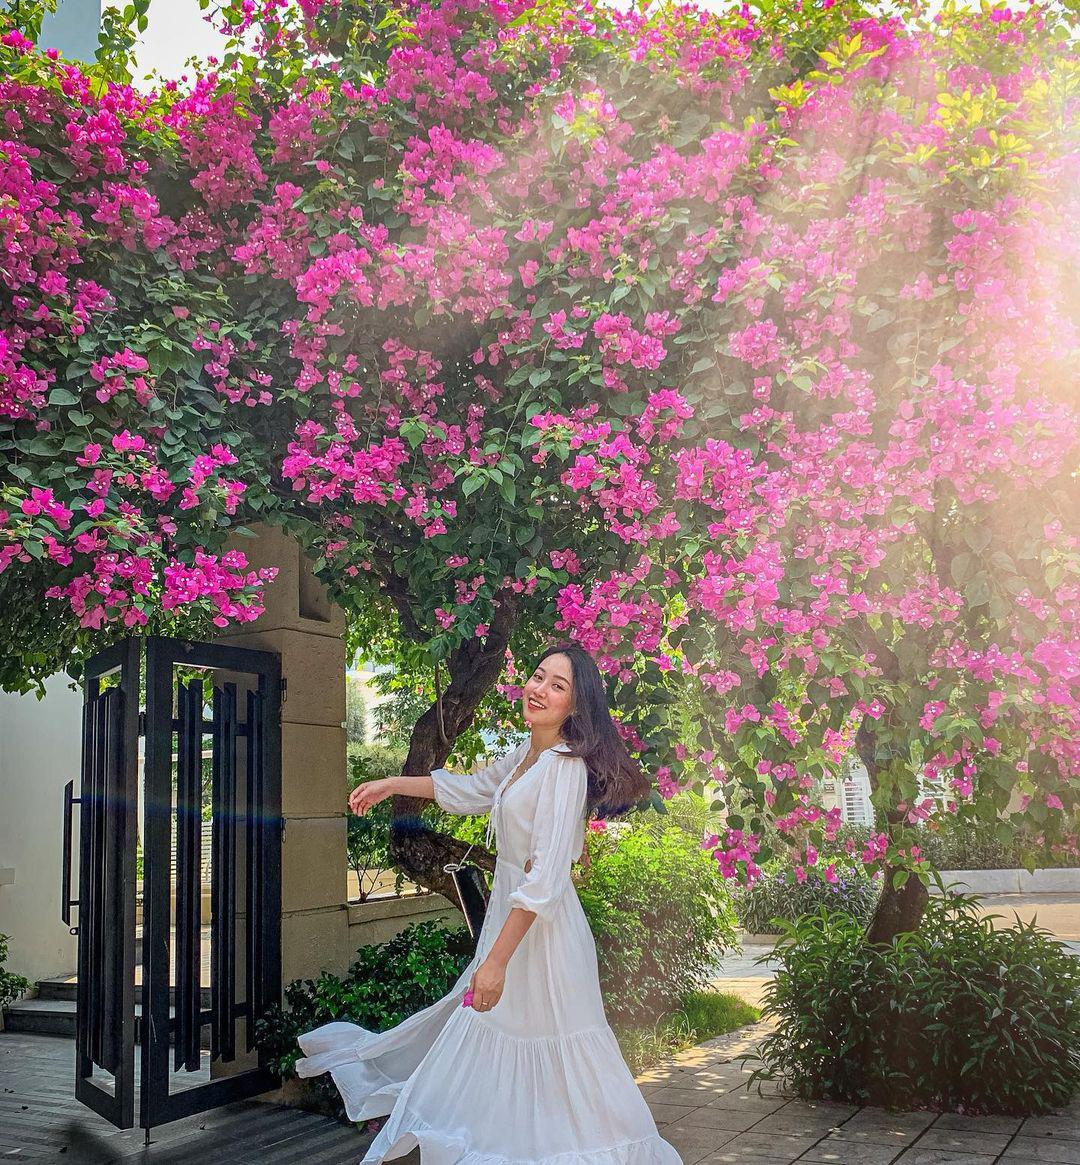 Giáng hương, tuyết sơn phi hồng và những mùa hoa đẹp ngây ngất tại chuỗi quần thể FLC - Ảnh 4.